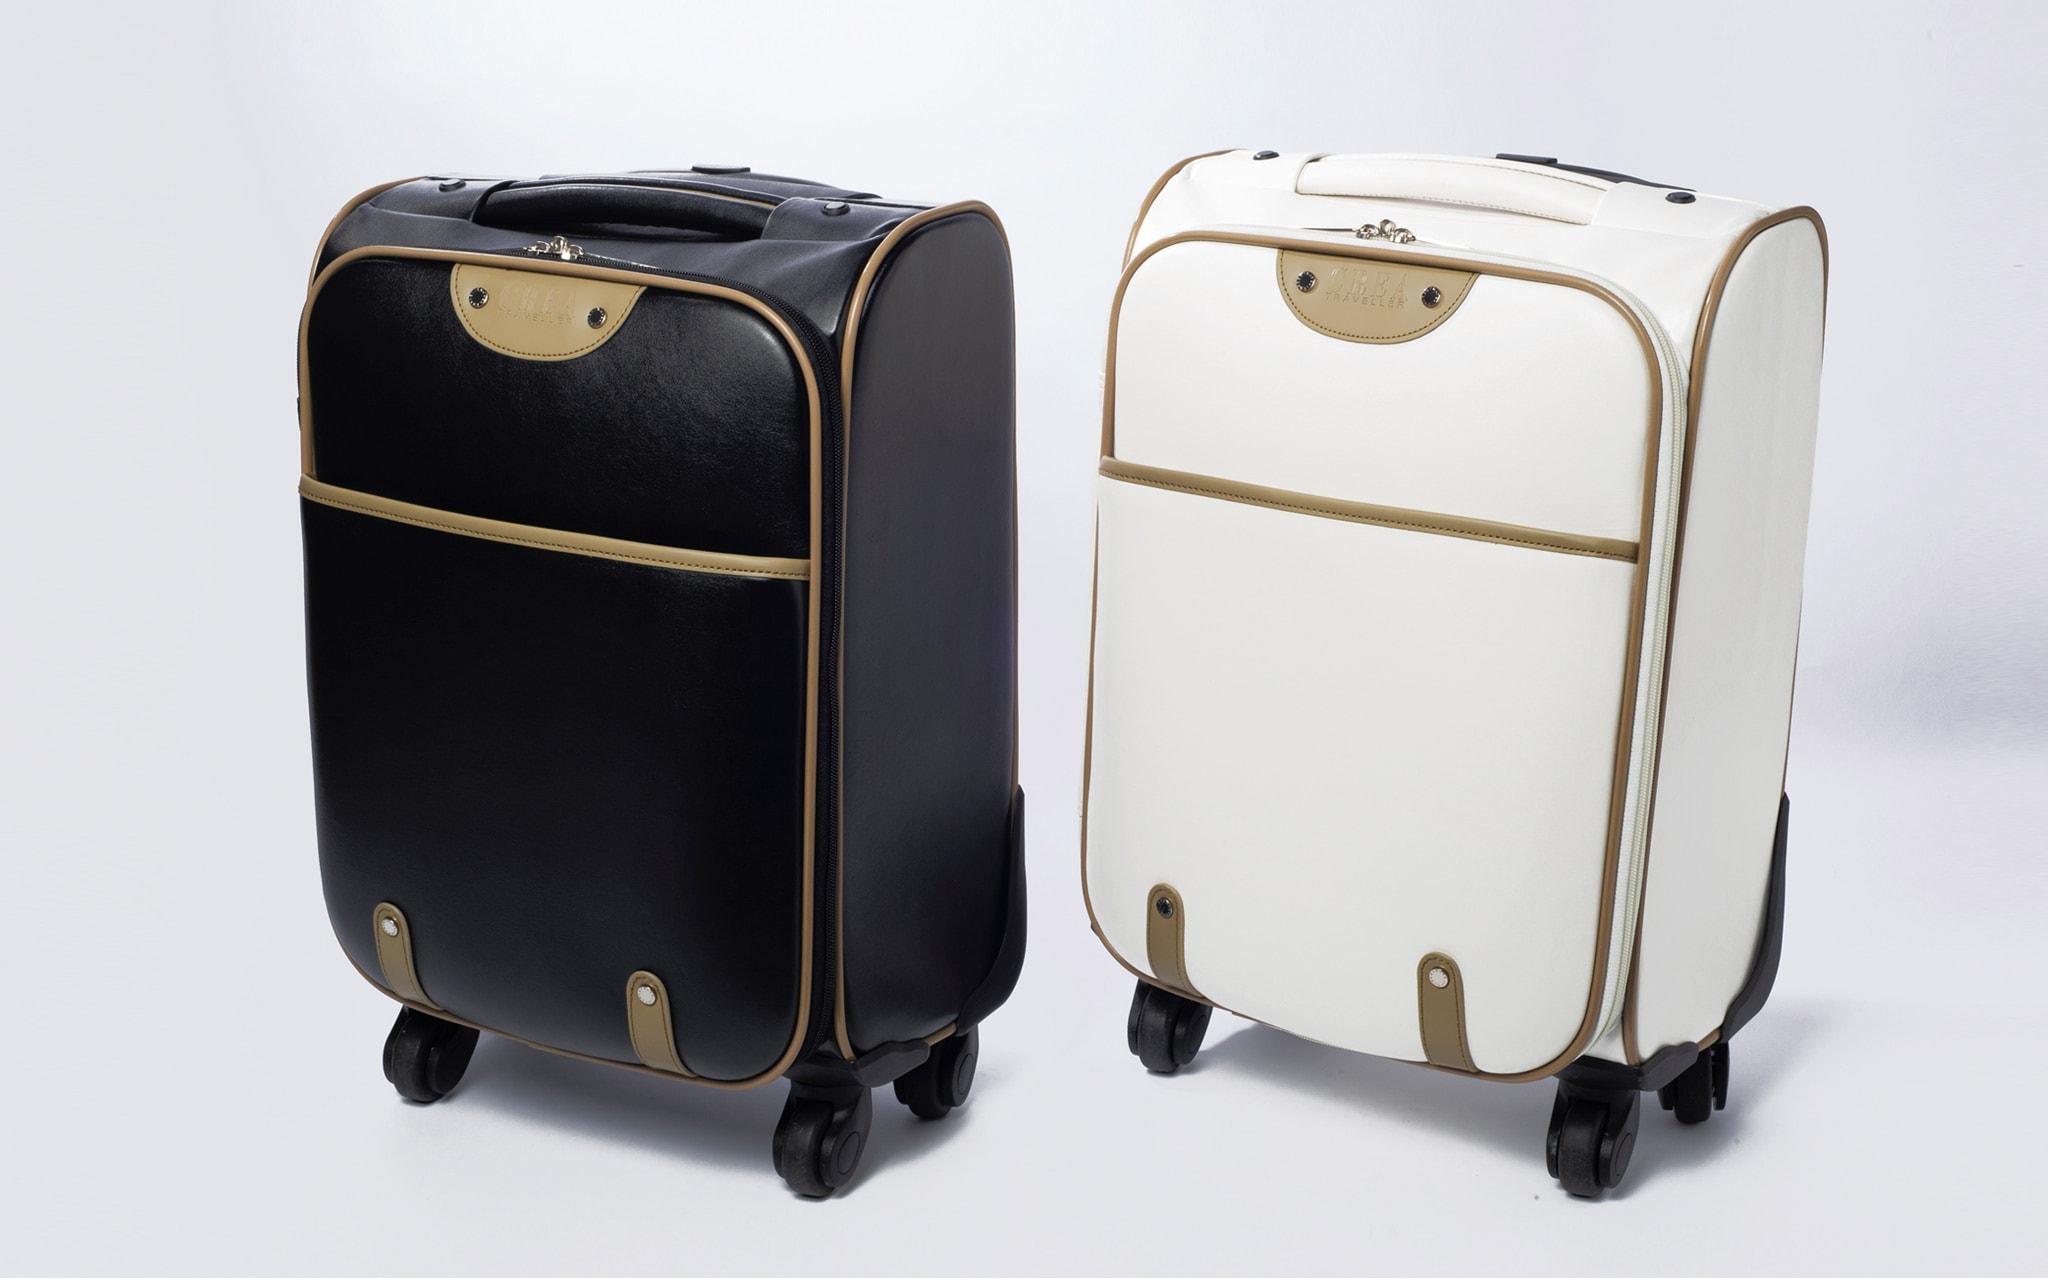 Traveller WEBメンバー限定 <br />逸品キャリーバッグを計2名様に!